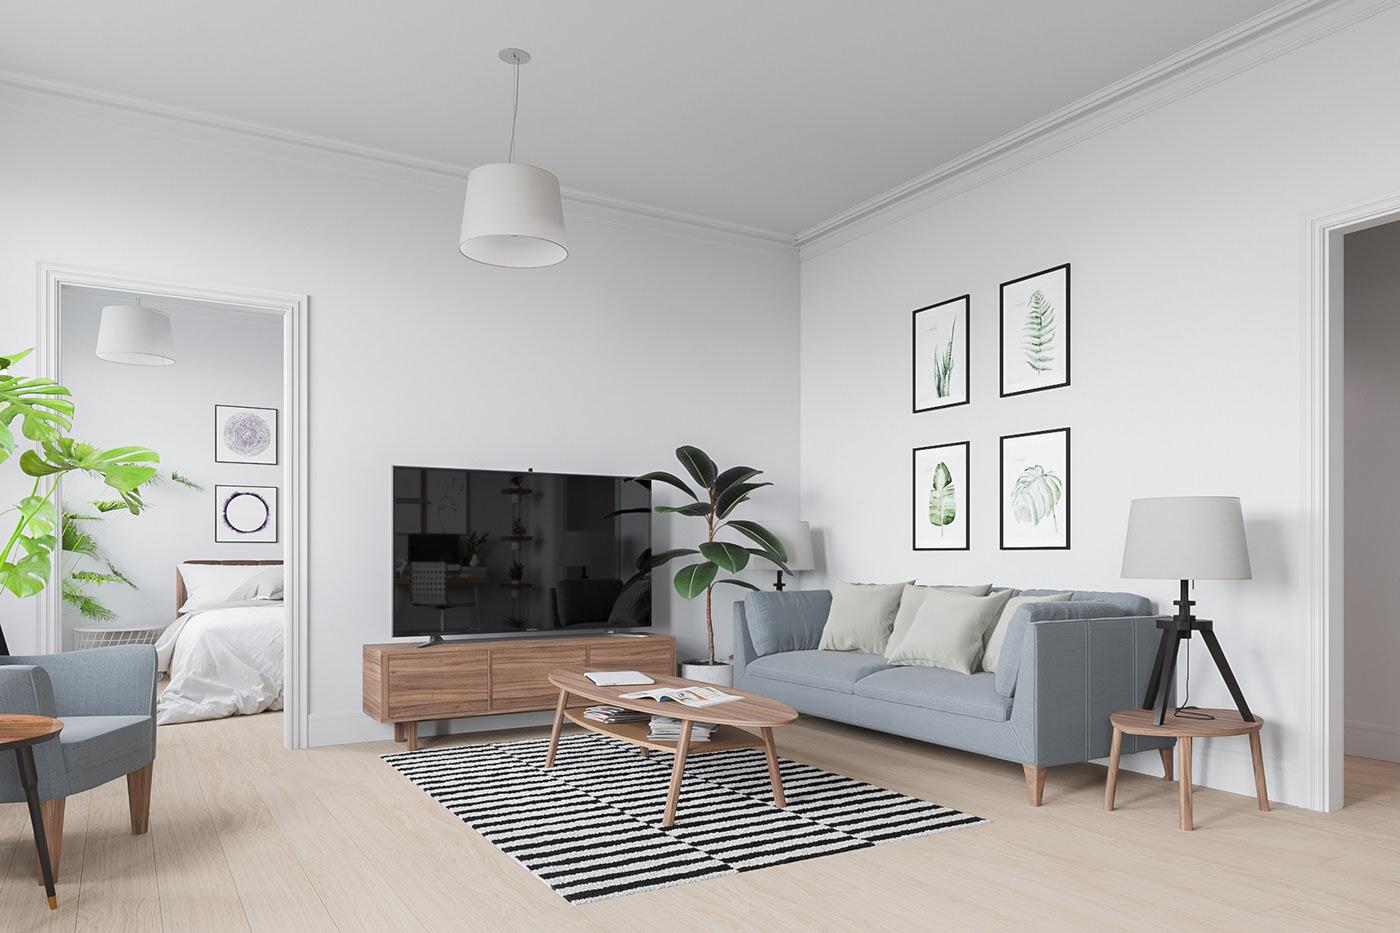 北欧简约风格公寓客厅装修效果图